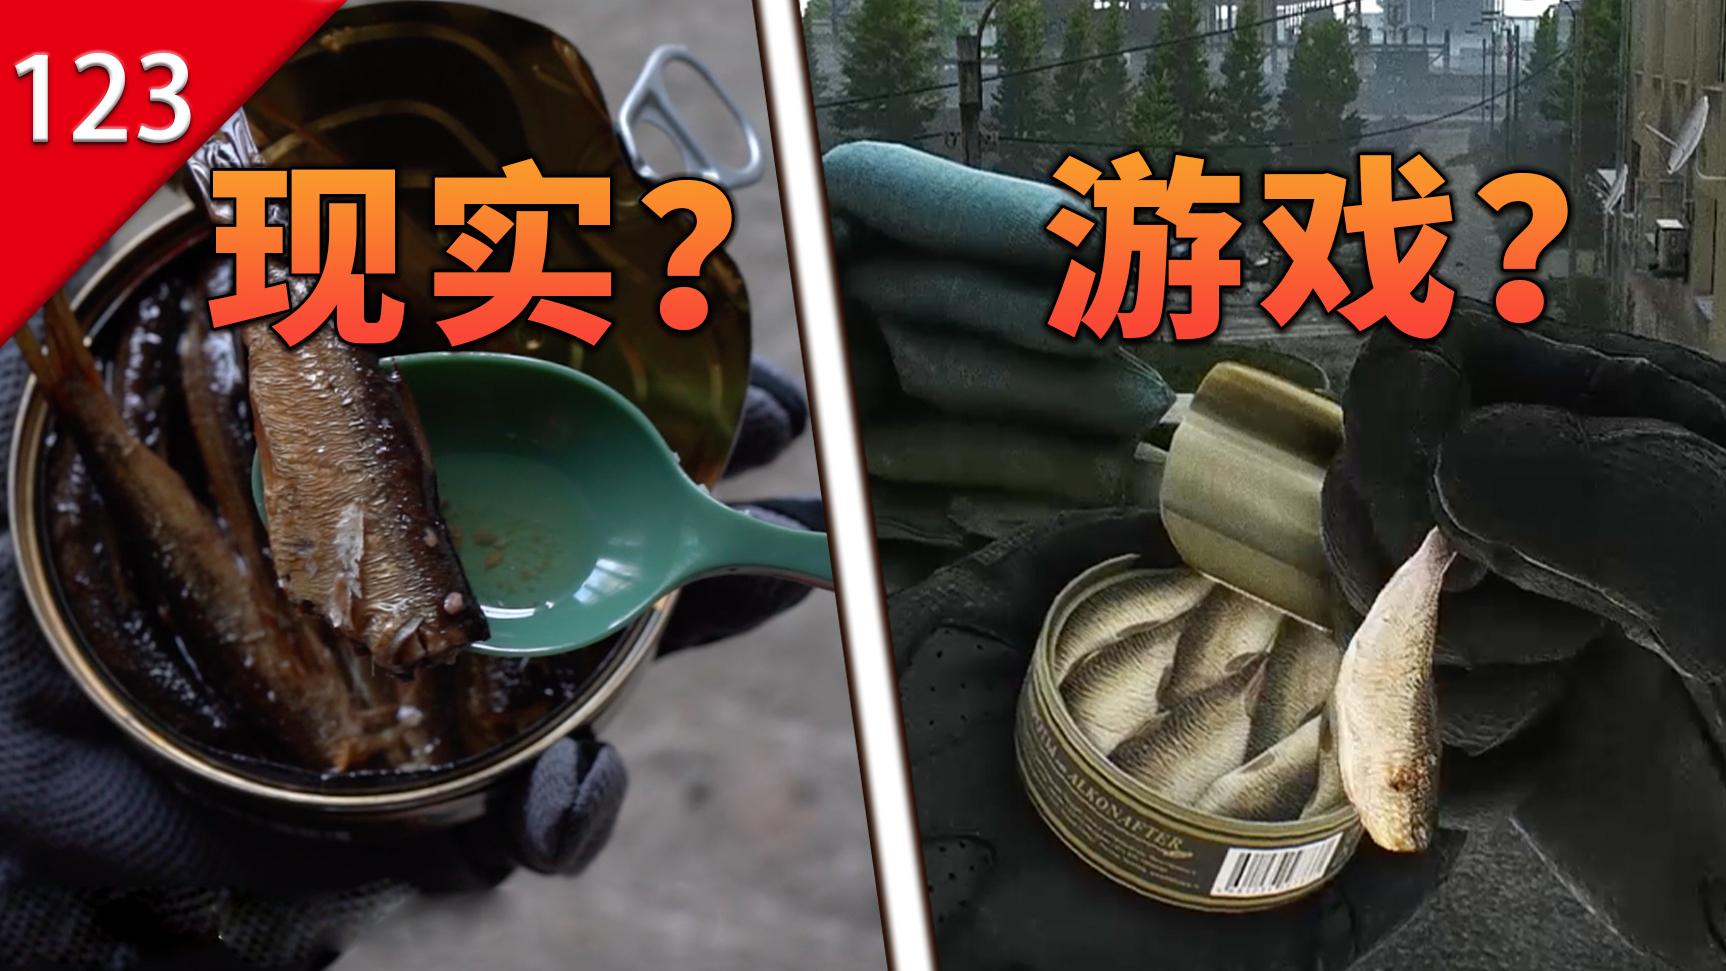 【不止游戏】游戏中那些奇怪的食物,在真实世界中味道是什么样?